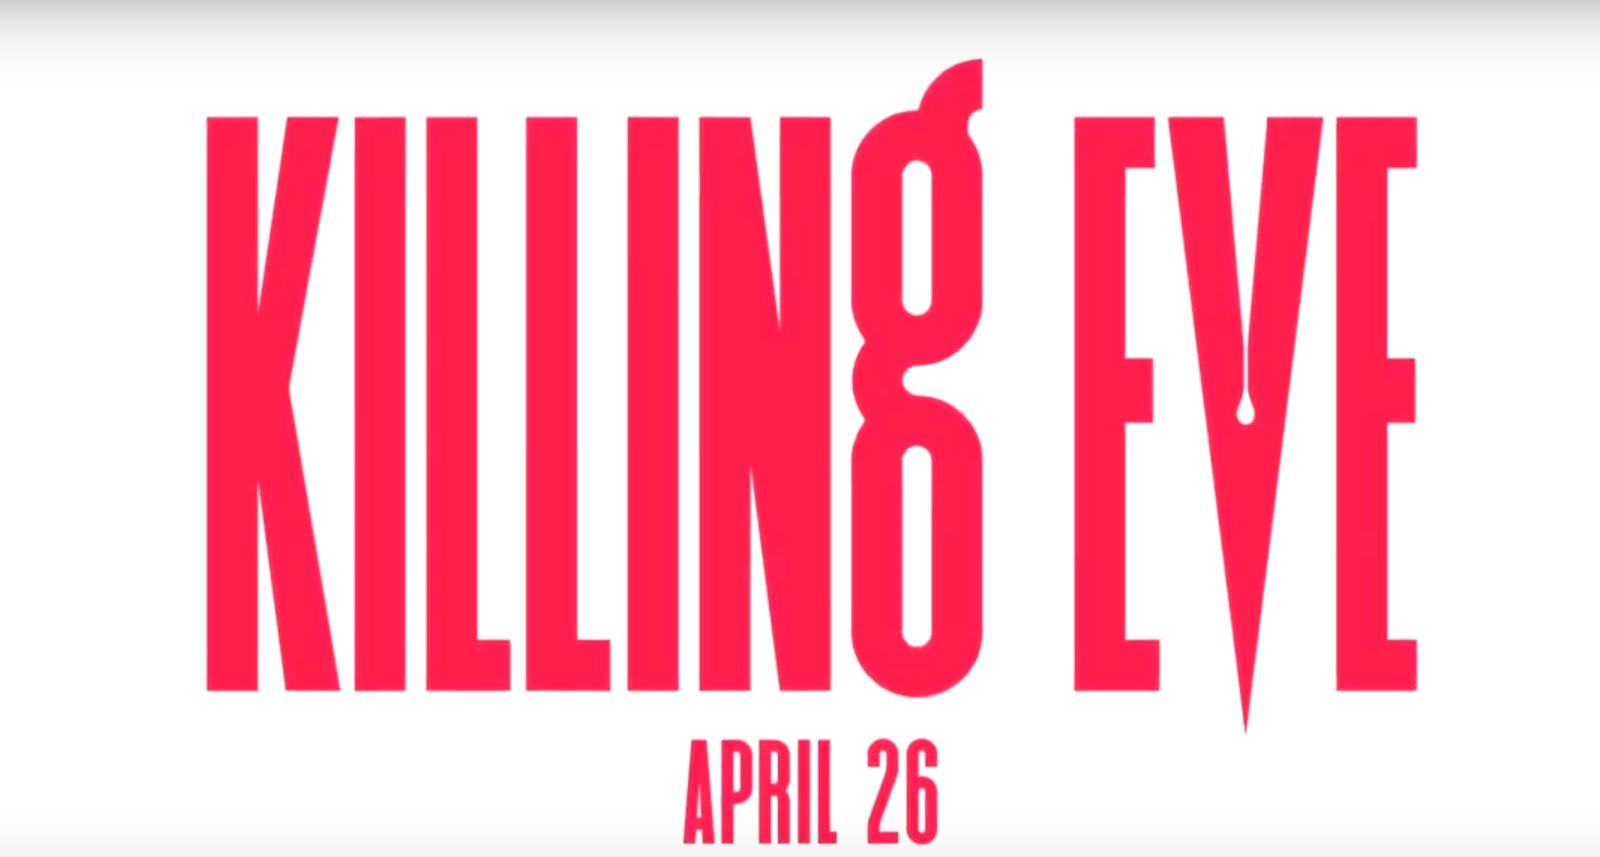 Killing Eve 3 trama, cast, anticipazioni. Quando esce la serie tv